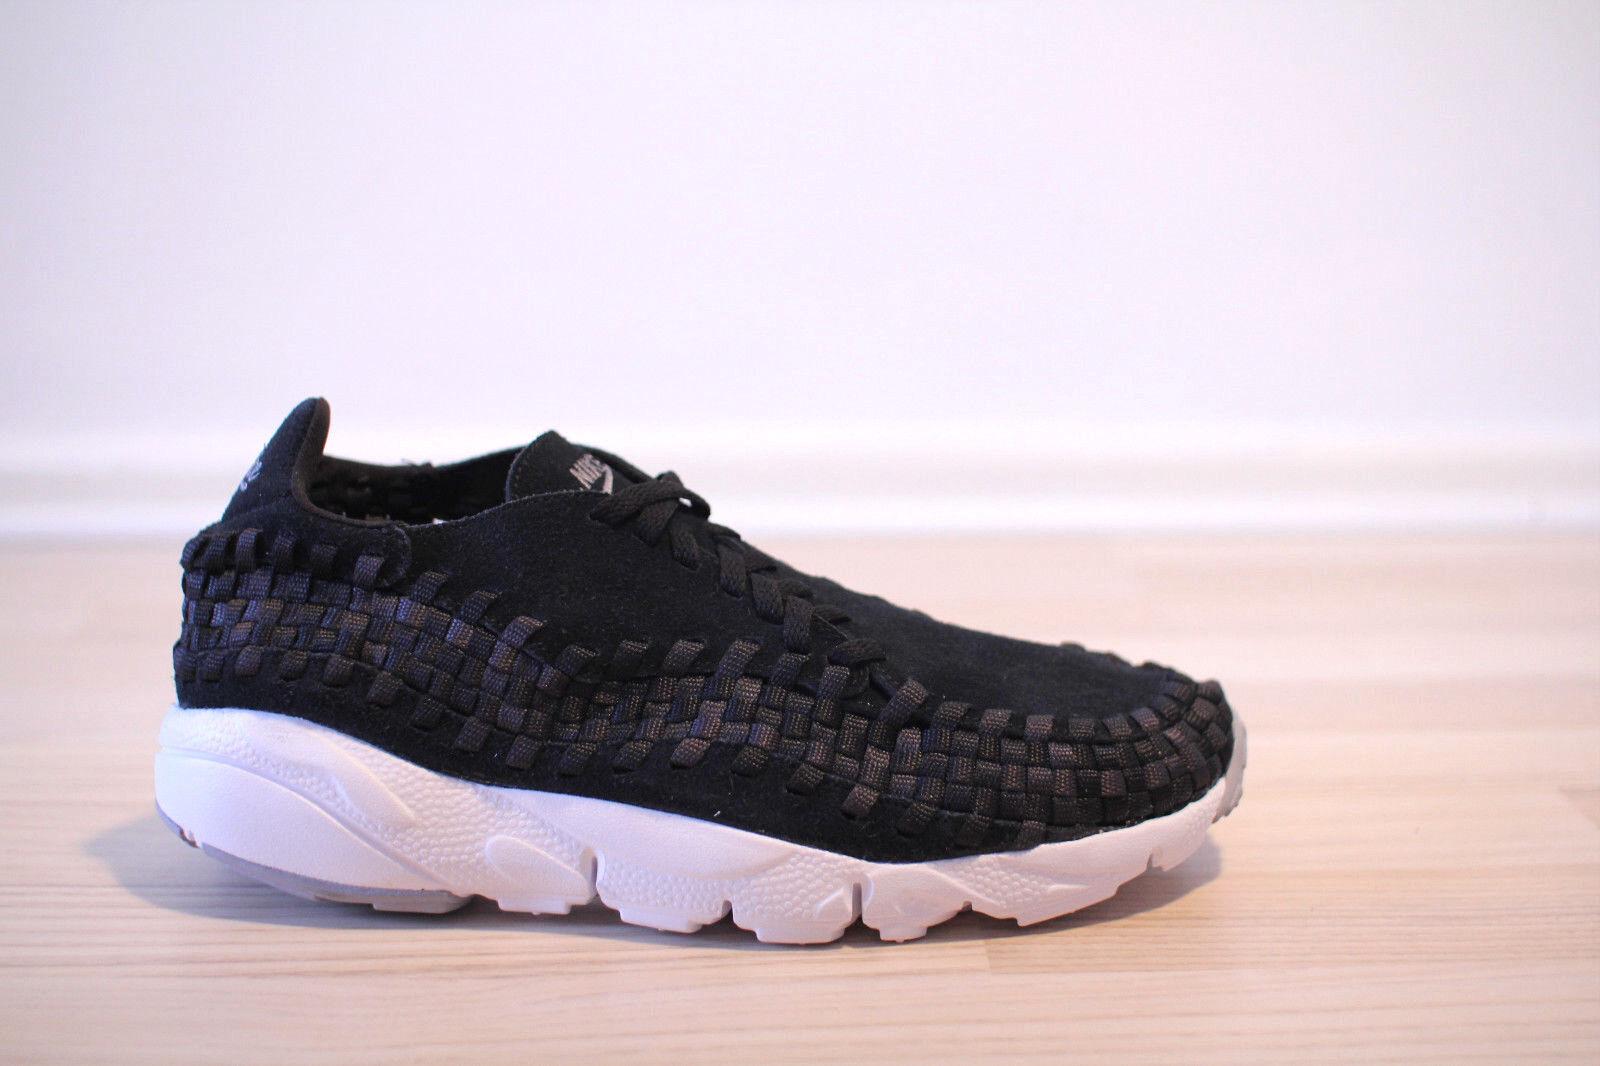 Nike Air Footscape Woven NM black white Gr. 42,43,44,45 NEU & OVP